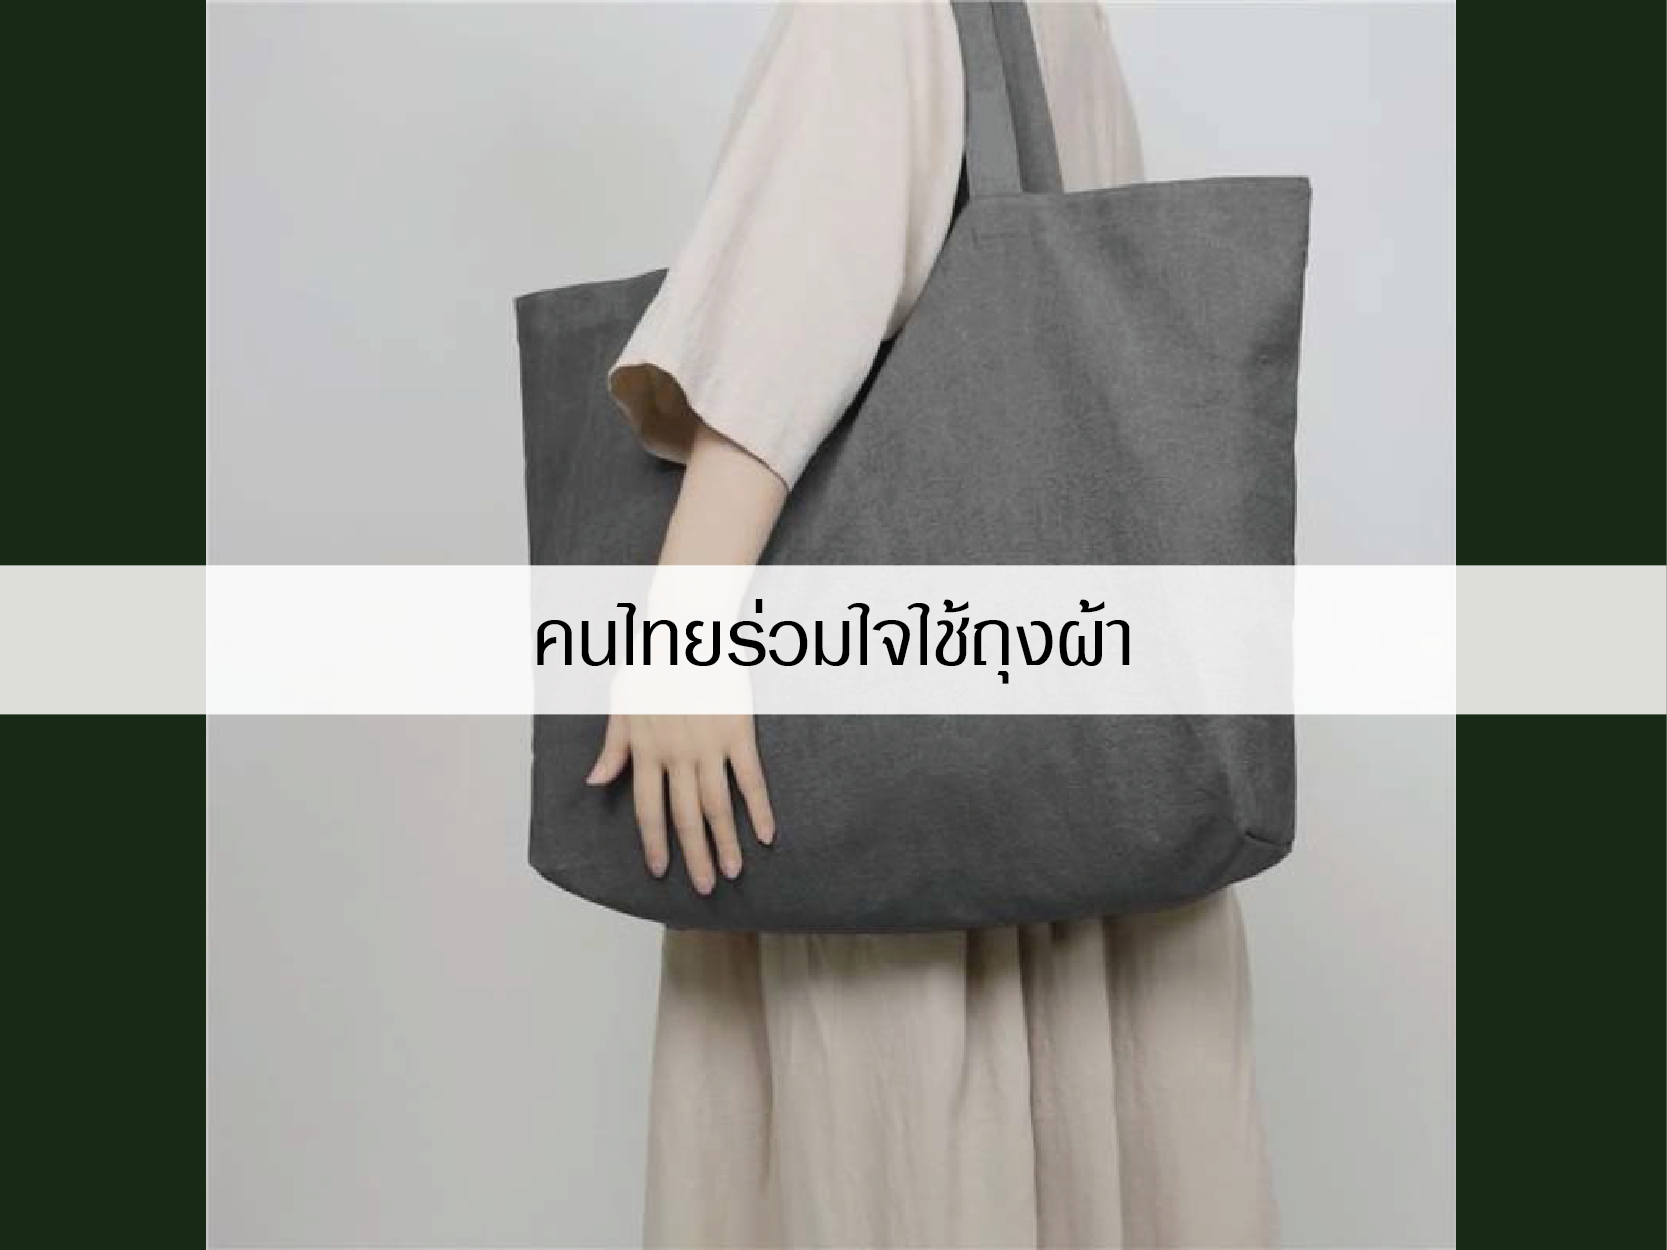 คนไทยร่วมใจใช้ถุงผ้า